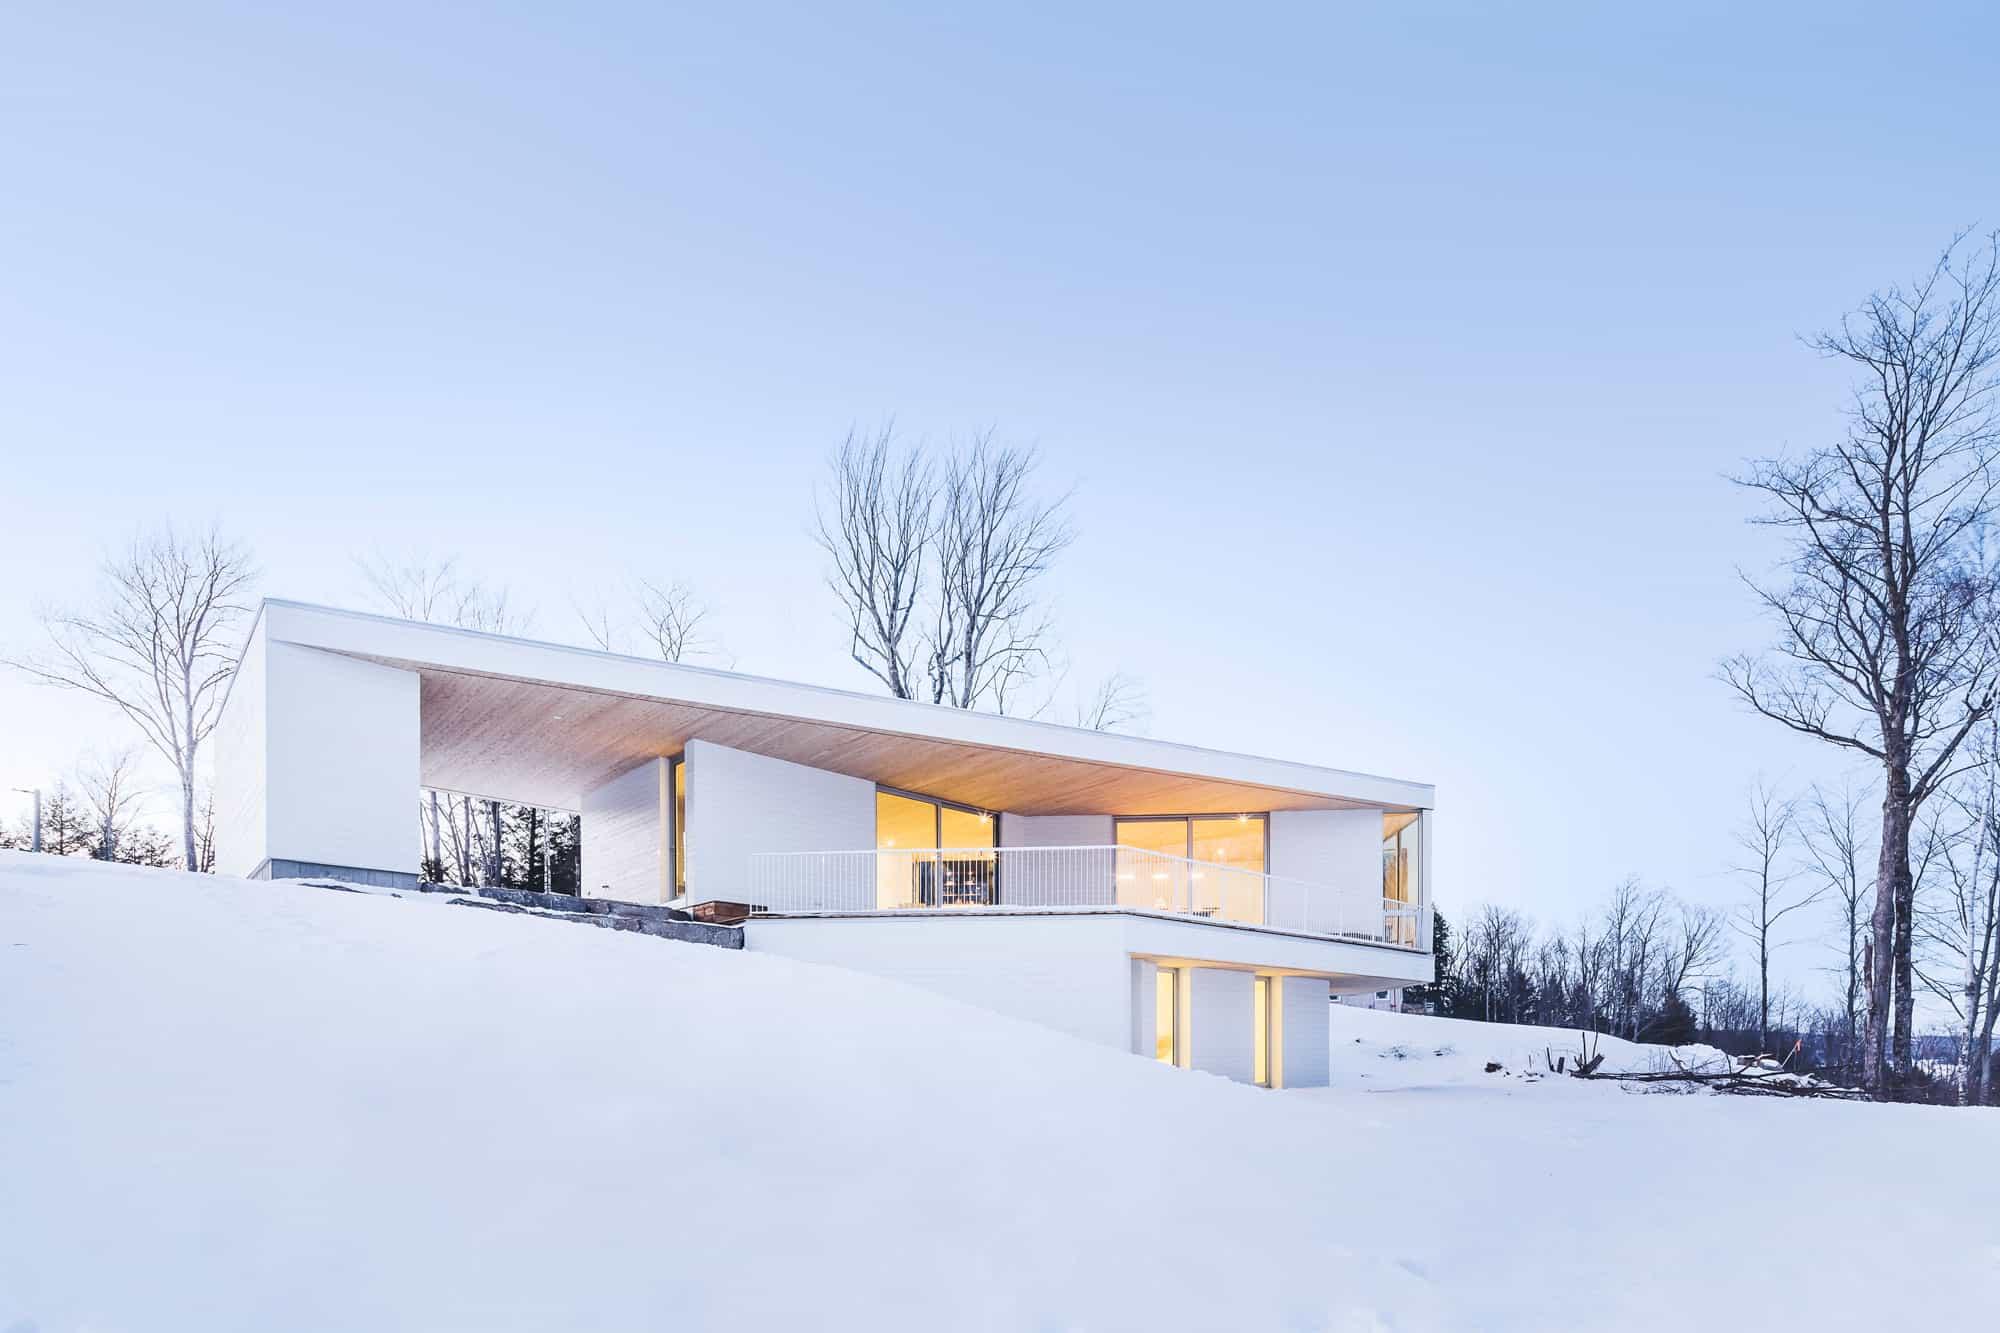 MU Architecture Designs a Luminous Private Home in Mansonville, Canada